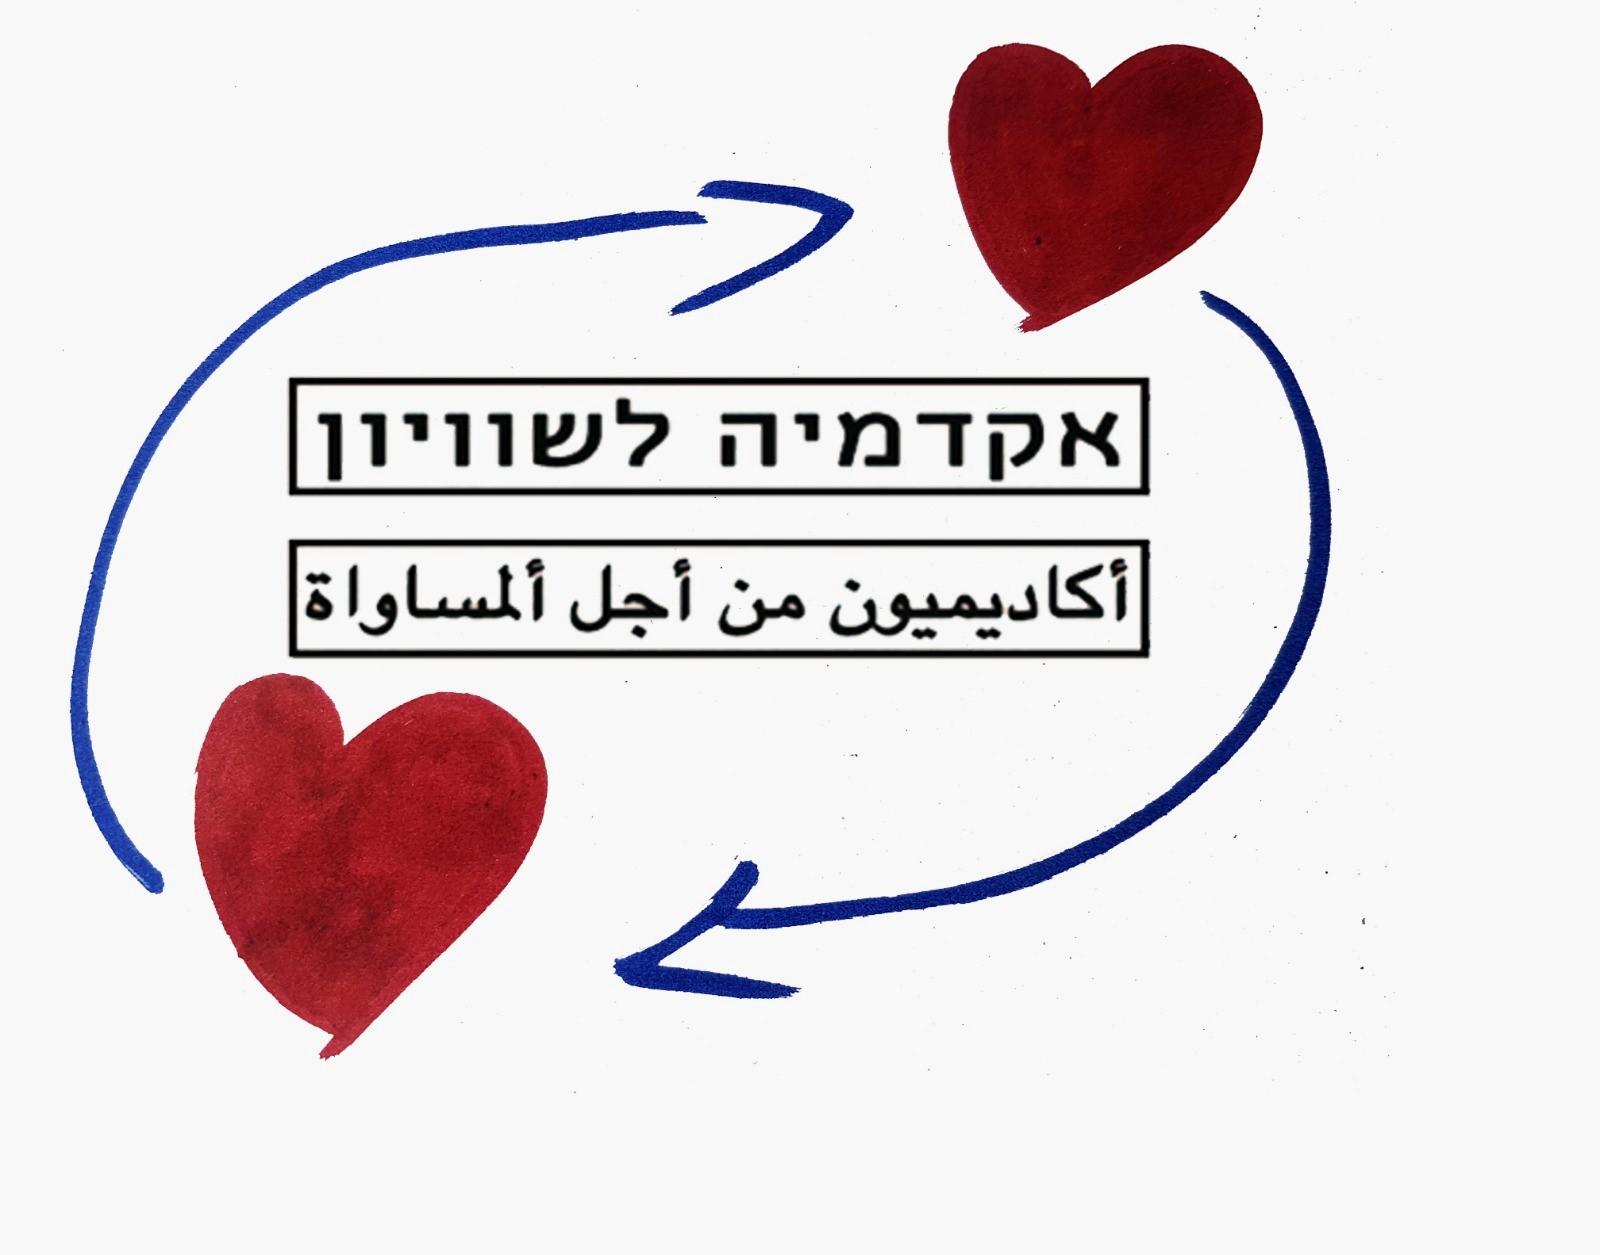 """ח""""כ עופר כסיף יתארח באסיפה השנתית של אקדמיה לשוויון שתתקיים בתל-אביב"""